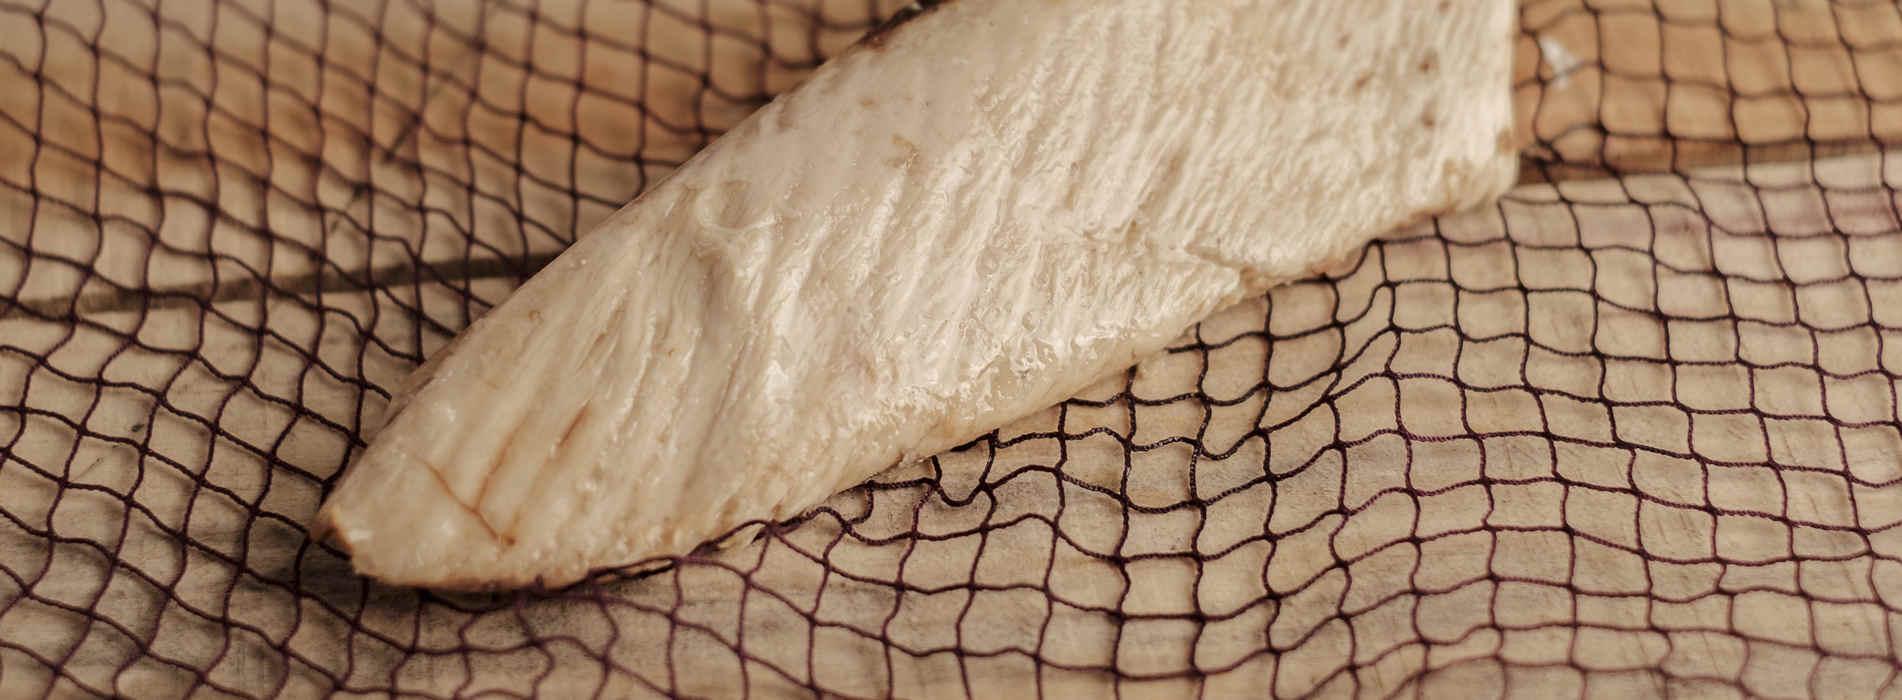 Ventresca de bonito del Cantábrico cocida a baja temperatura y envasada al vacío. Listo para consumir.